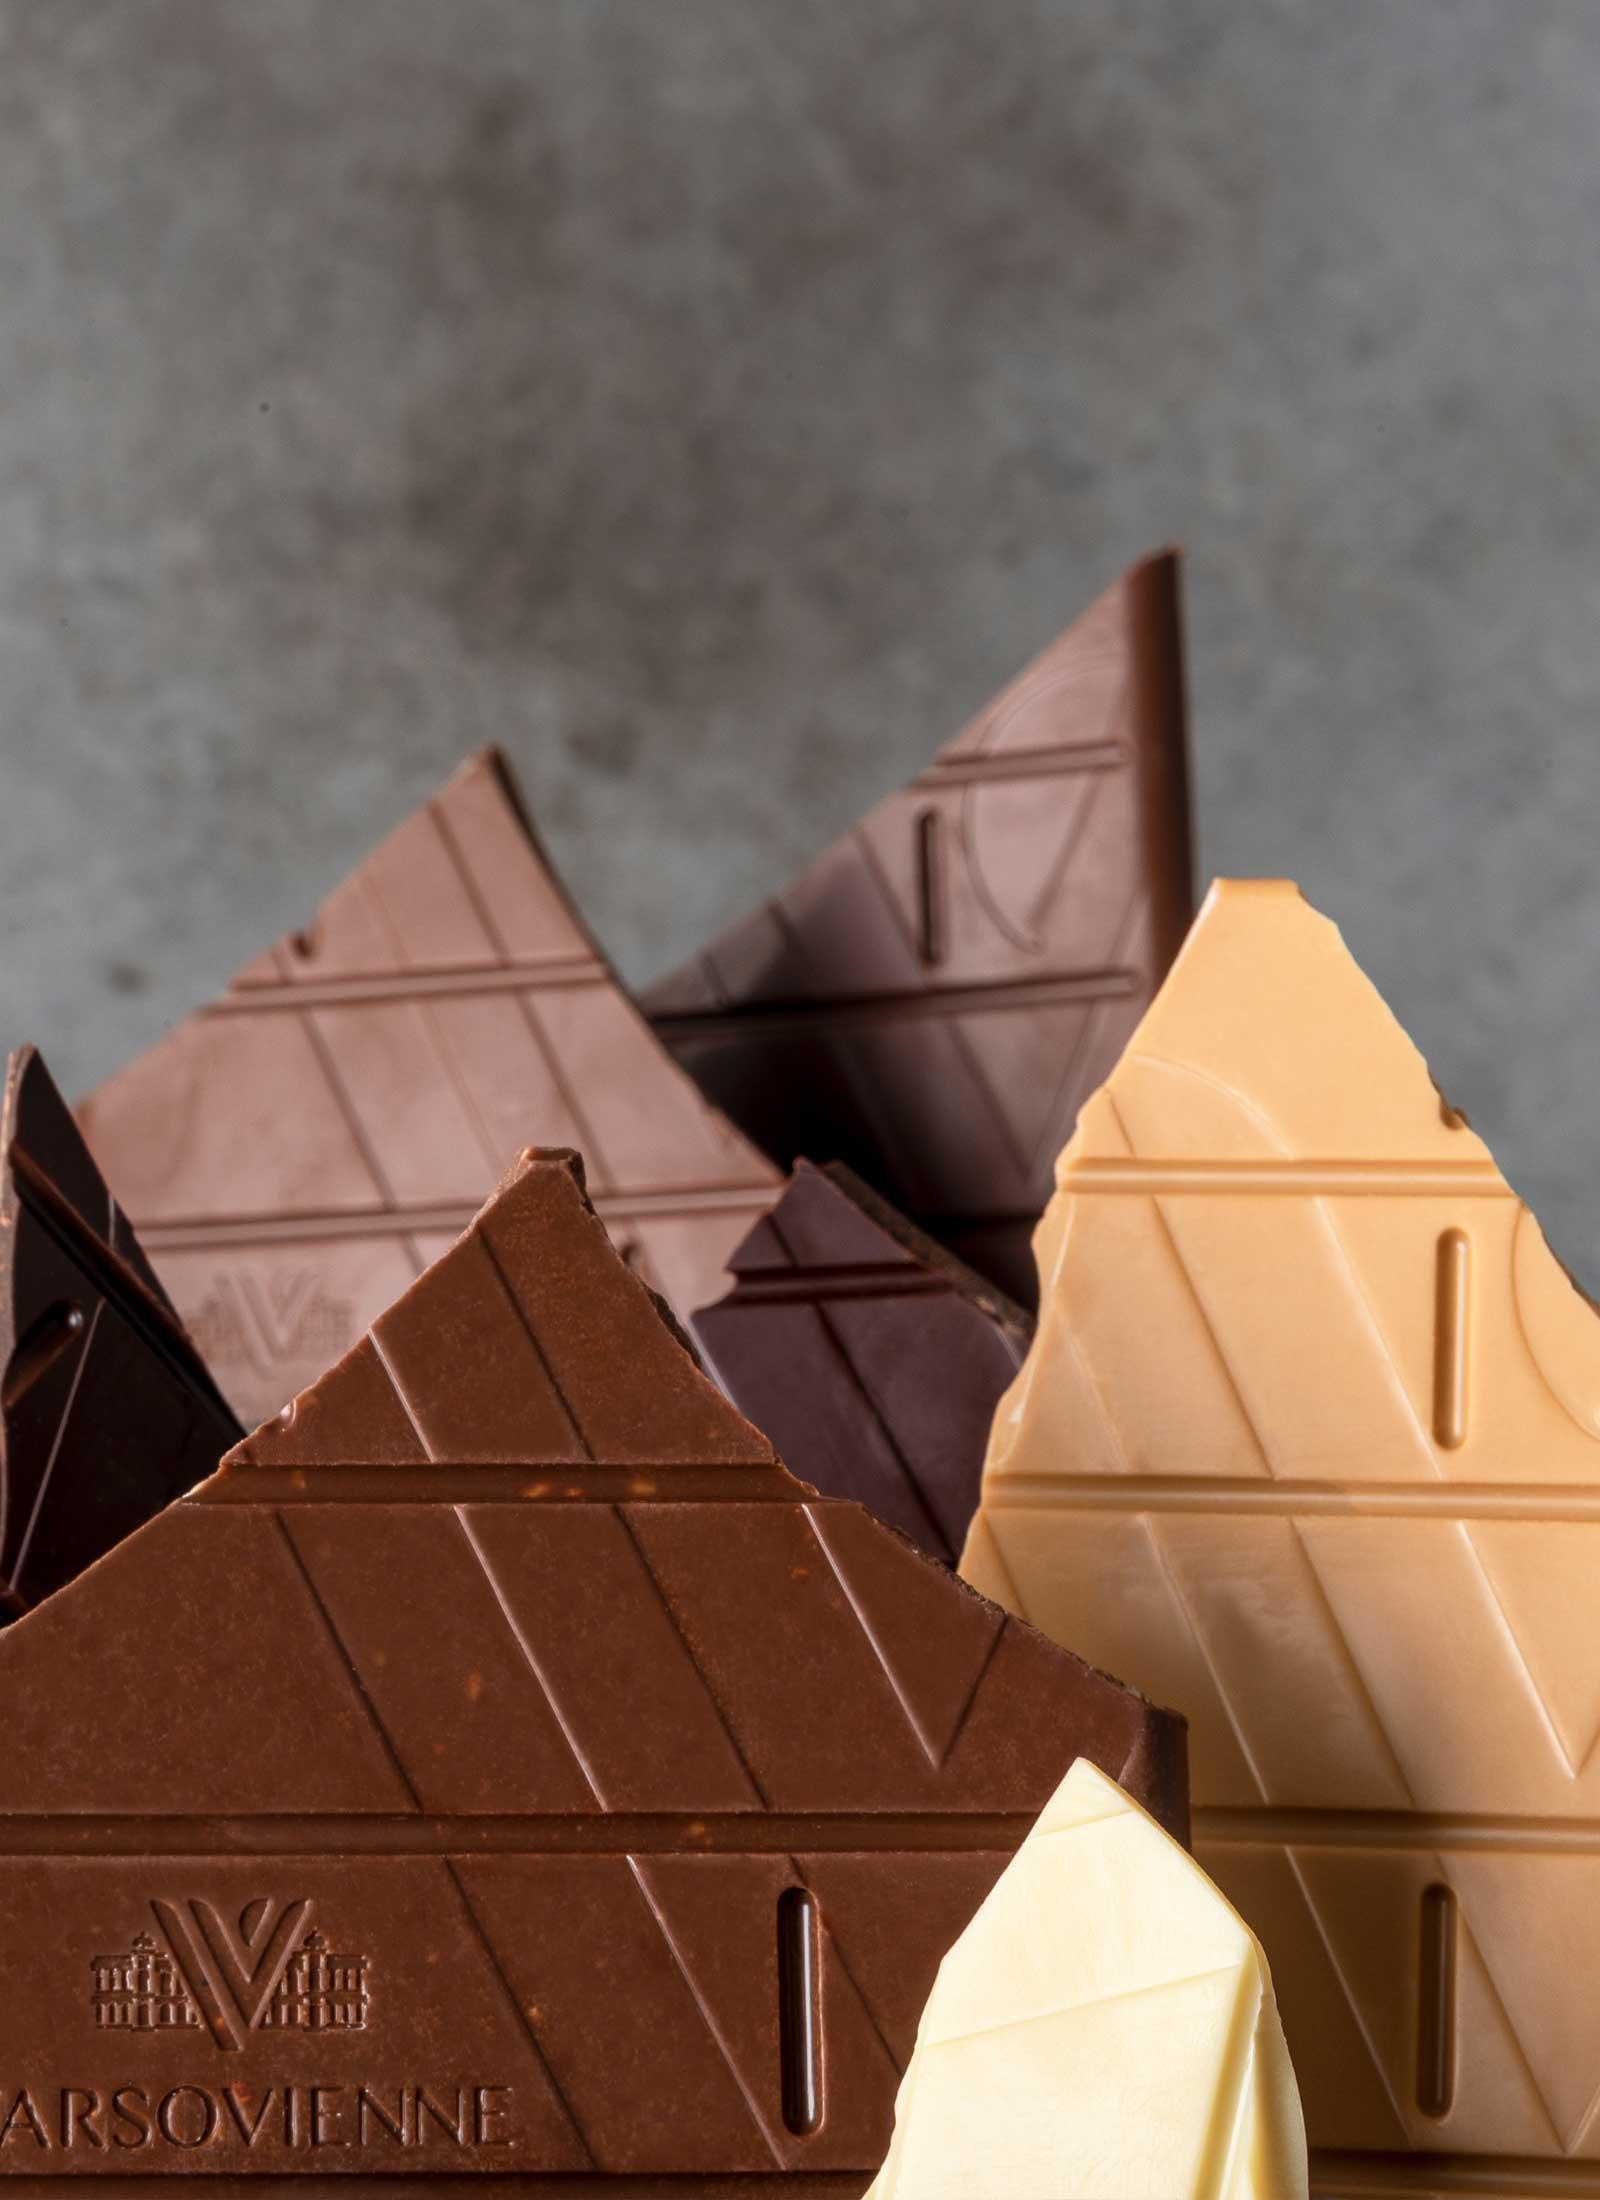 barras-cacao-trozos-varsovienne-estudio-como